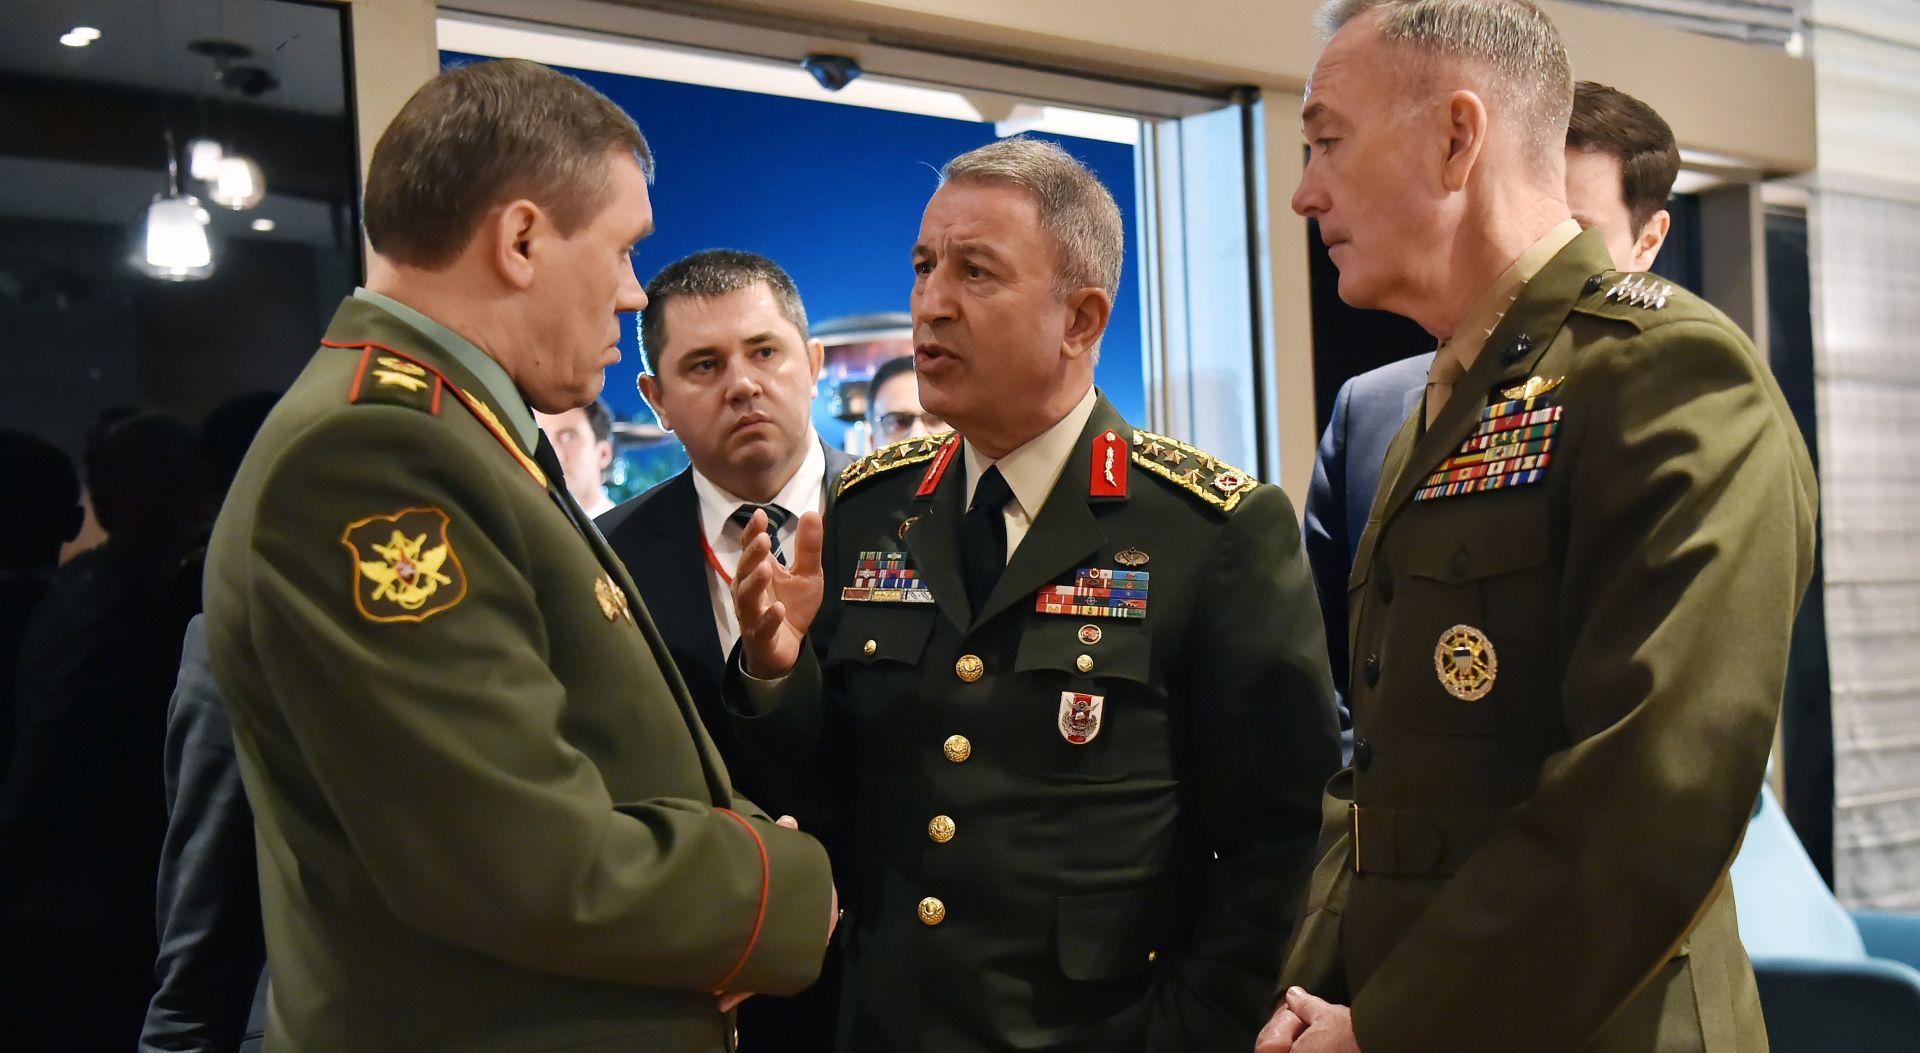 Rusija i SAD opet primjenjuju sporazum o sprečavanju izgreda u sirijskom zračnom prostoru